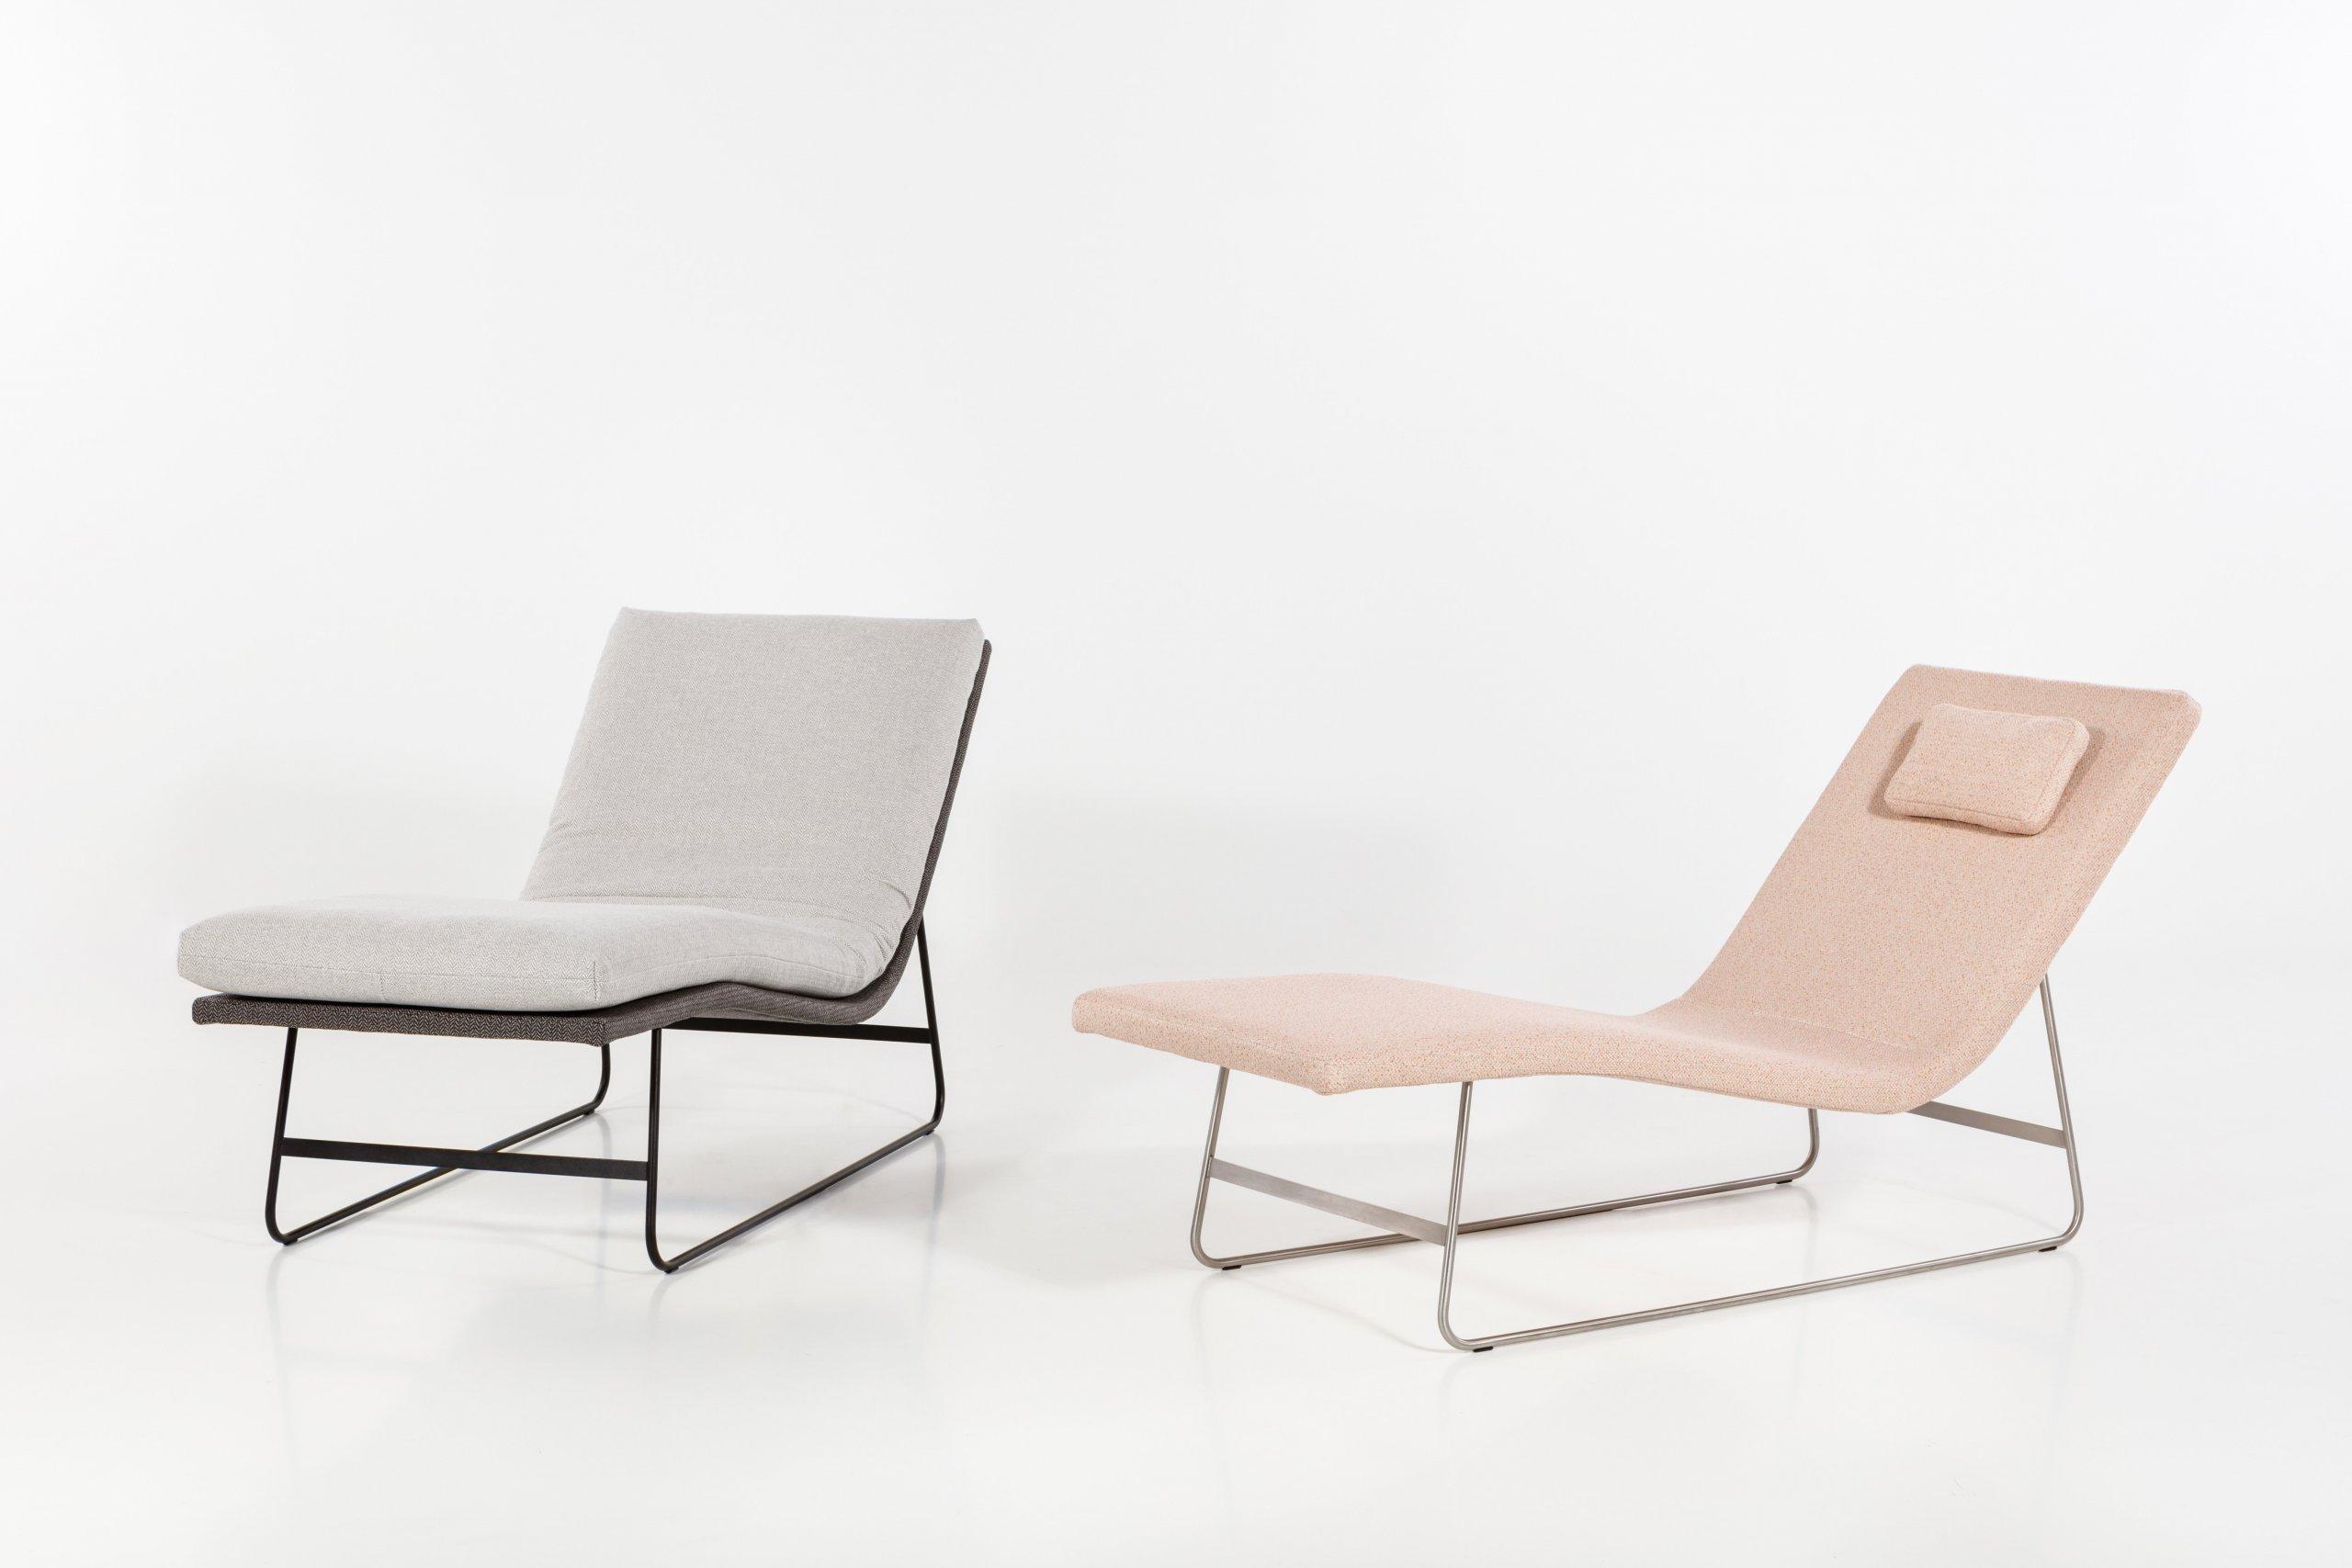 Chaise Longue Pureje nadčasová lenoška křehkých tvarů, vinteriéru působí lehce a vzdušně. Její pomyslná minimalistická vlnka může přinášet pohodlí…